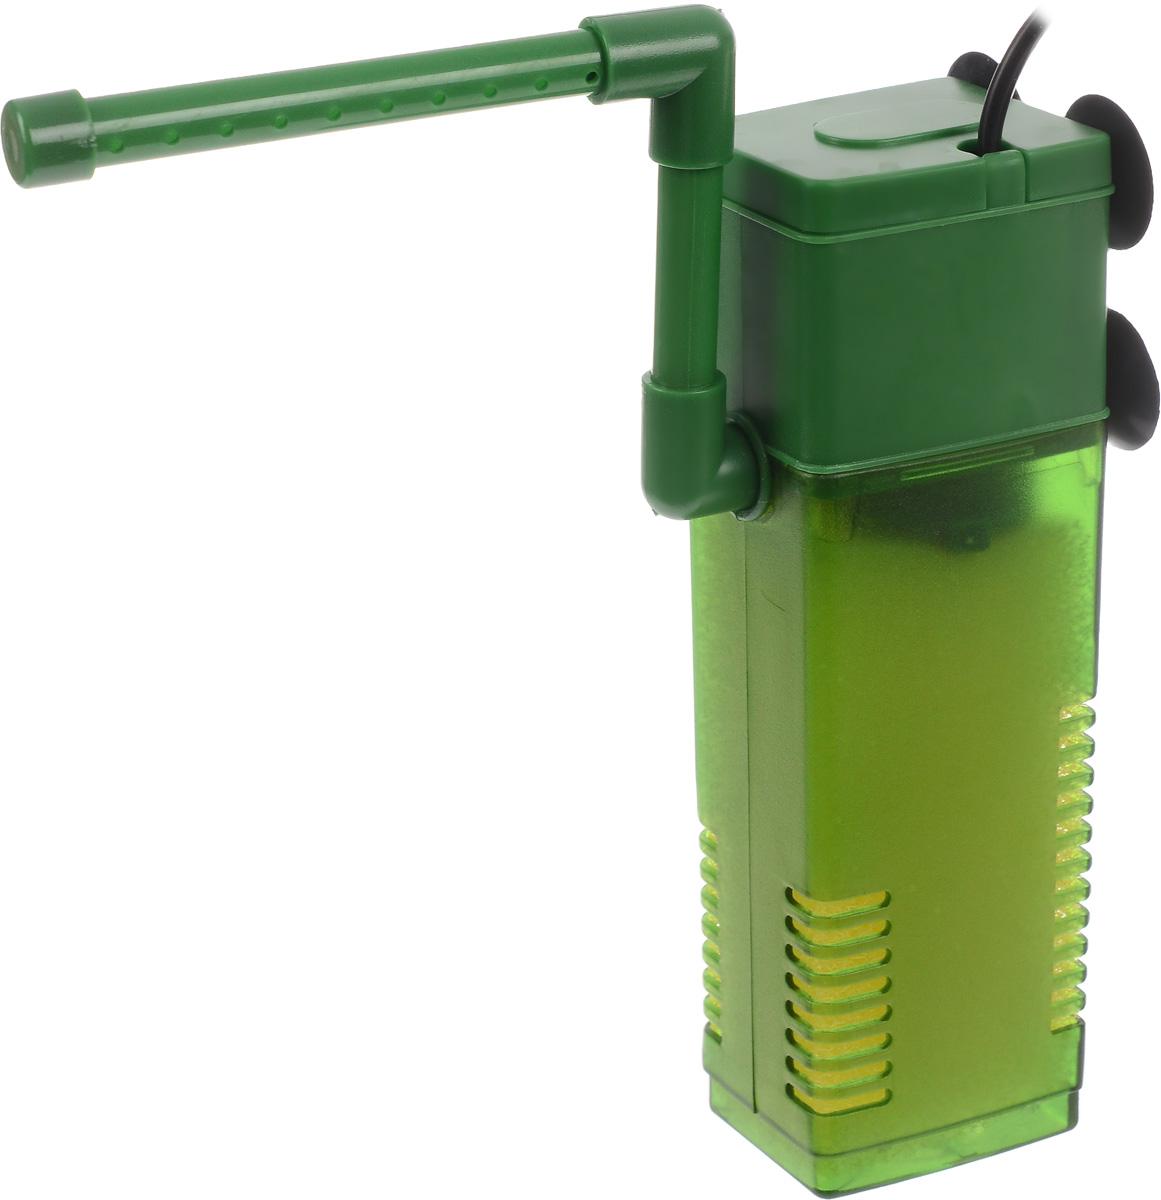 Фильтр для воды Barbus WP- 330F, аквариумный, с регулятором и флейтой, 600 л/чFILTER 004Barbus WP- 330F предназначен для фильтрации воды в аквариумах. Механическая фильтрация происходит за счет губки, которая поглощает грязь и очищает воду. Фильтр равномерно распределяет поток воды в аквариуме с помощью системы Водяная флейта. Имеет дополнительную насадку с возможностью аэрации воды. Подходит для пресной и соленой воды. Фильтр полностью погружной. Мощность: 12 Вт. Напряжение: 220-240В. Частота: 50/60 Гц. Производительность: 600 л/ч. Рекомендованный объем аквариума: 60-120 л. Уважаемые клиенты! Обращаем ваше внимание на возможные изменения в цвете некоторых деталей товара. Поставка осуществляется в зависимости от наличия на складе.